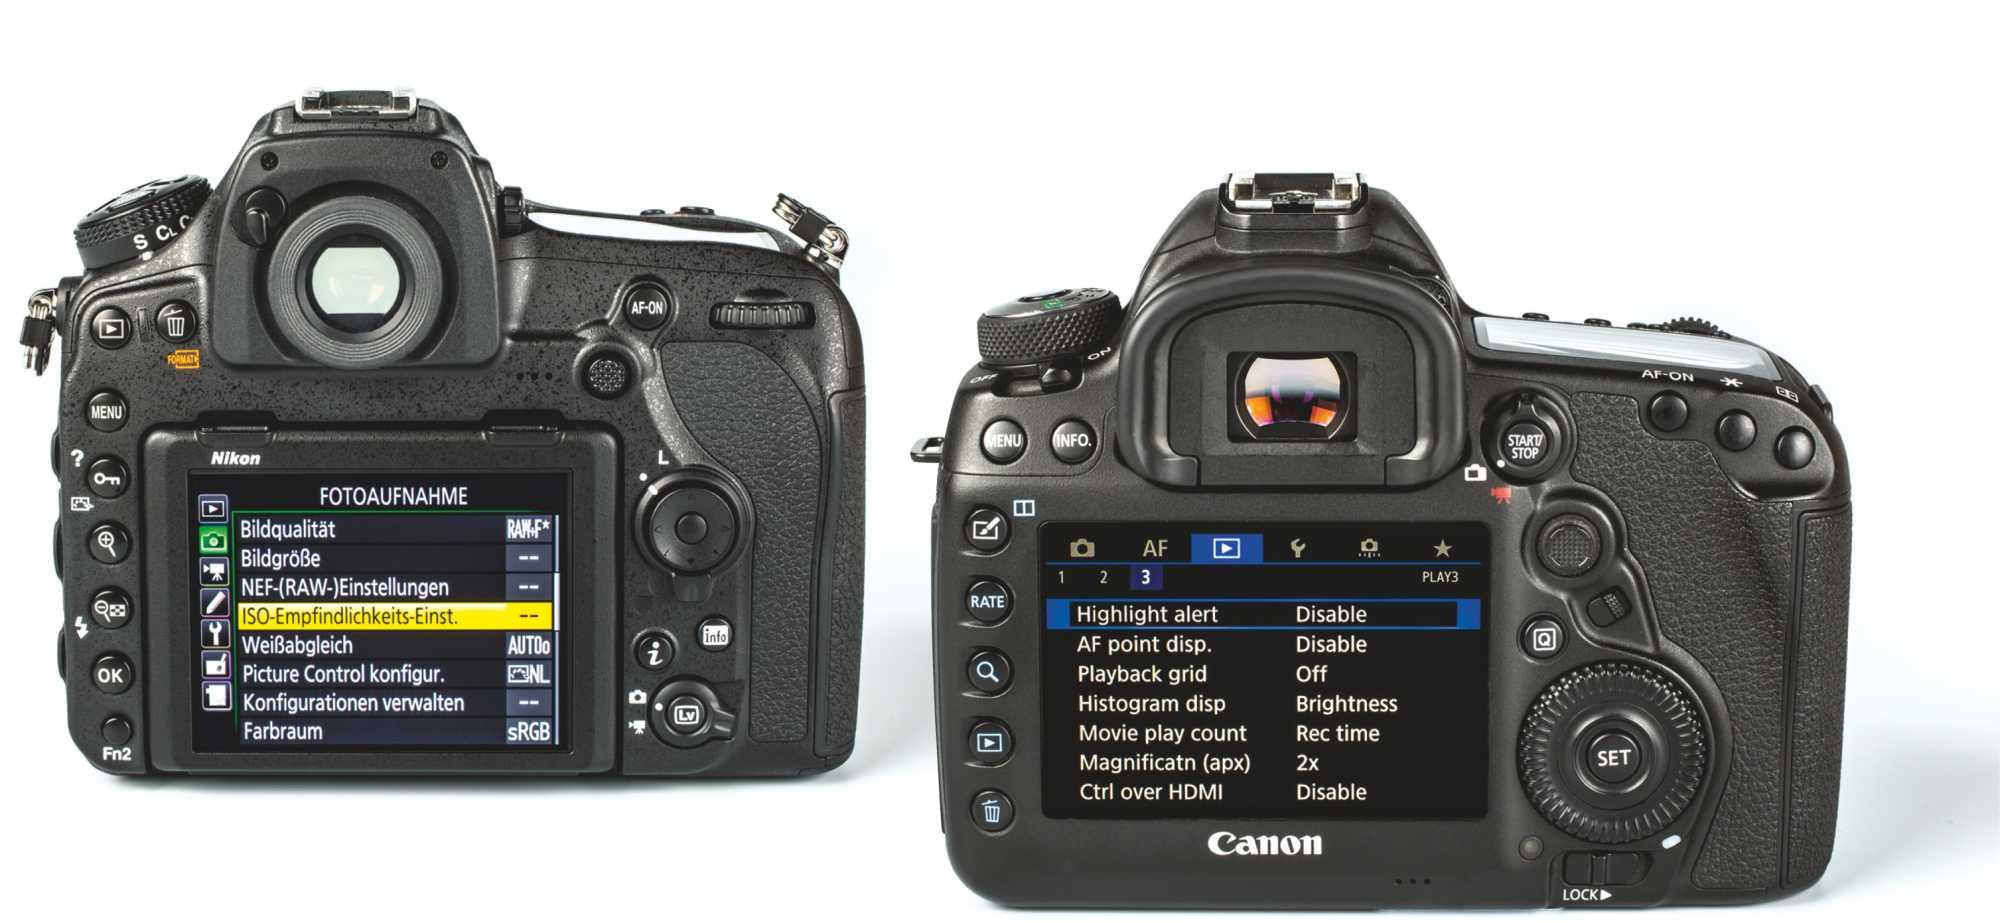 Test: DSLR-Vollformat-Kameras Nikon D850 und Canon EOS 5D Mark IV im ...